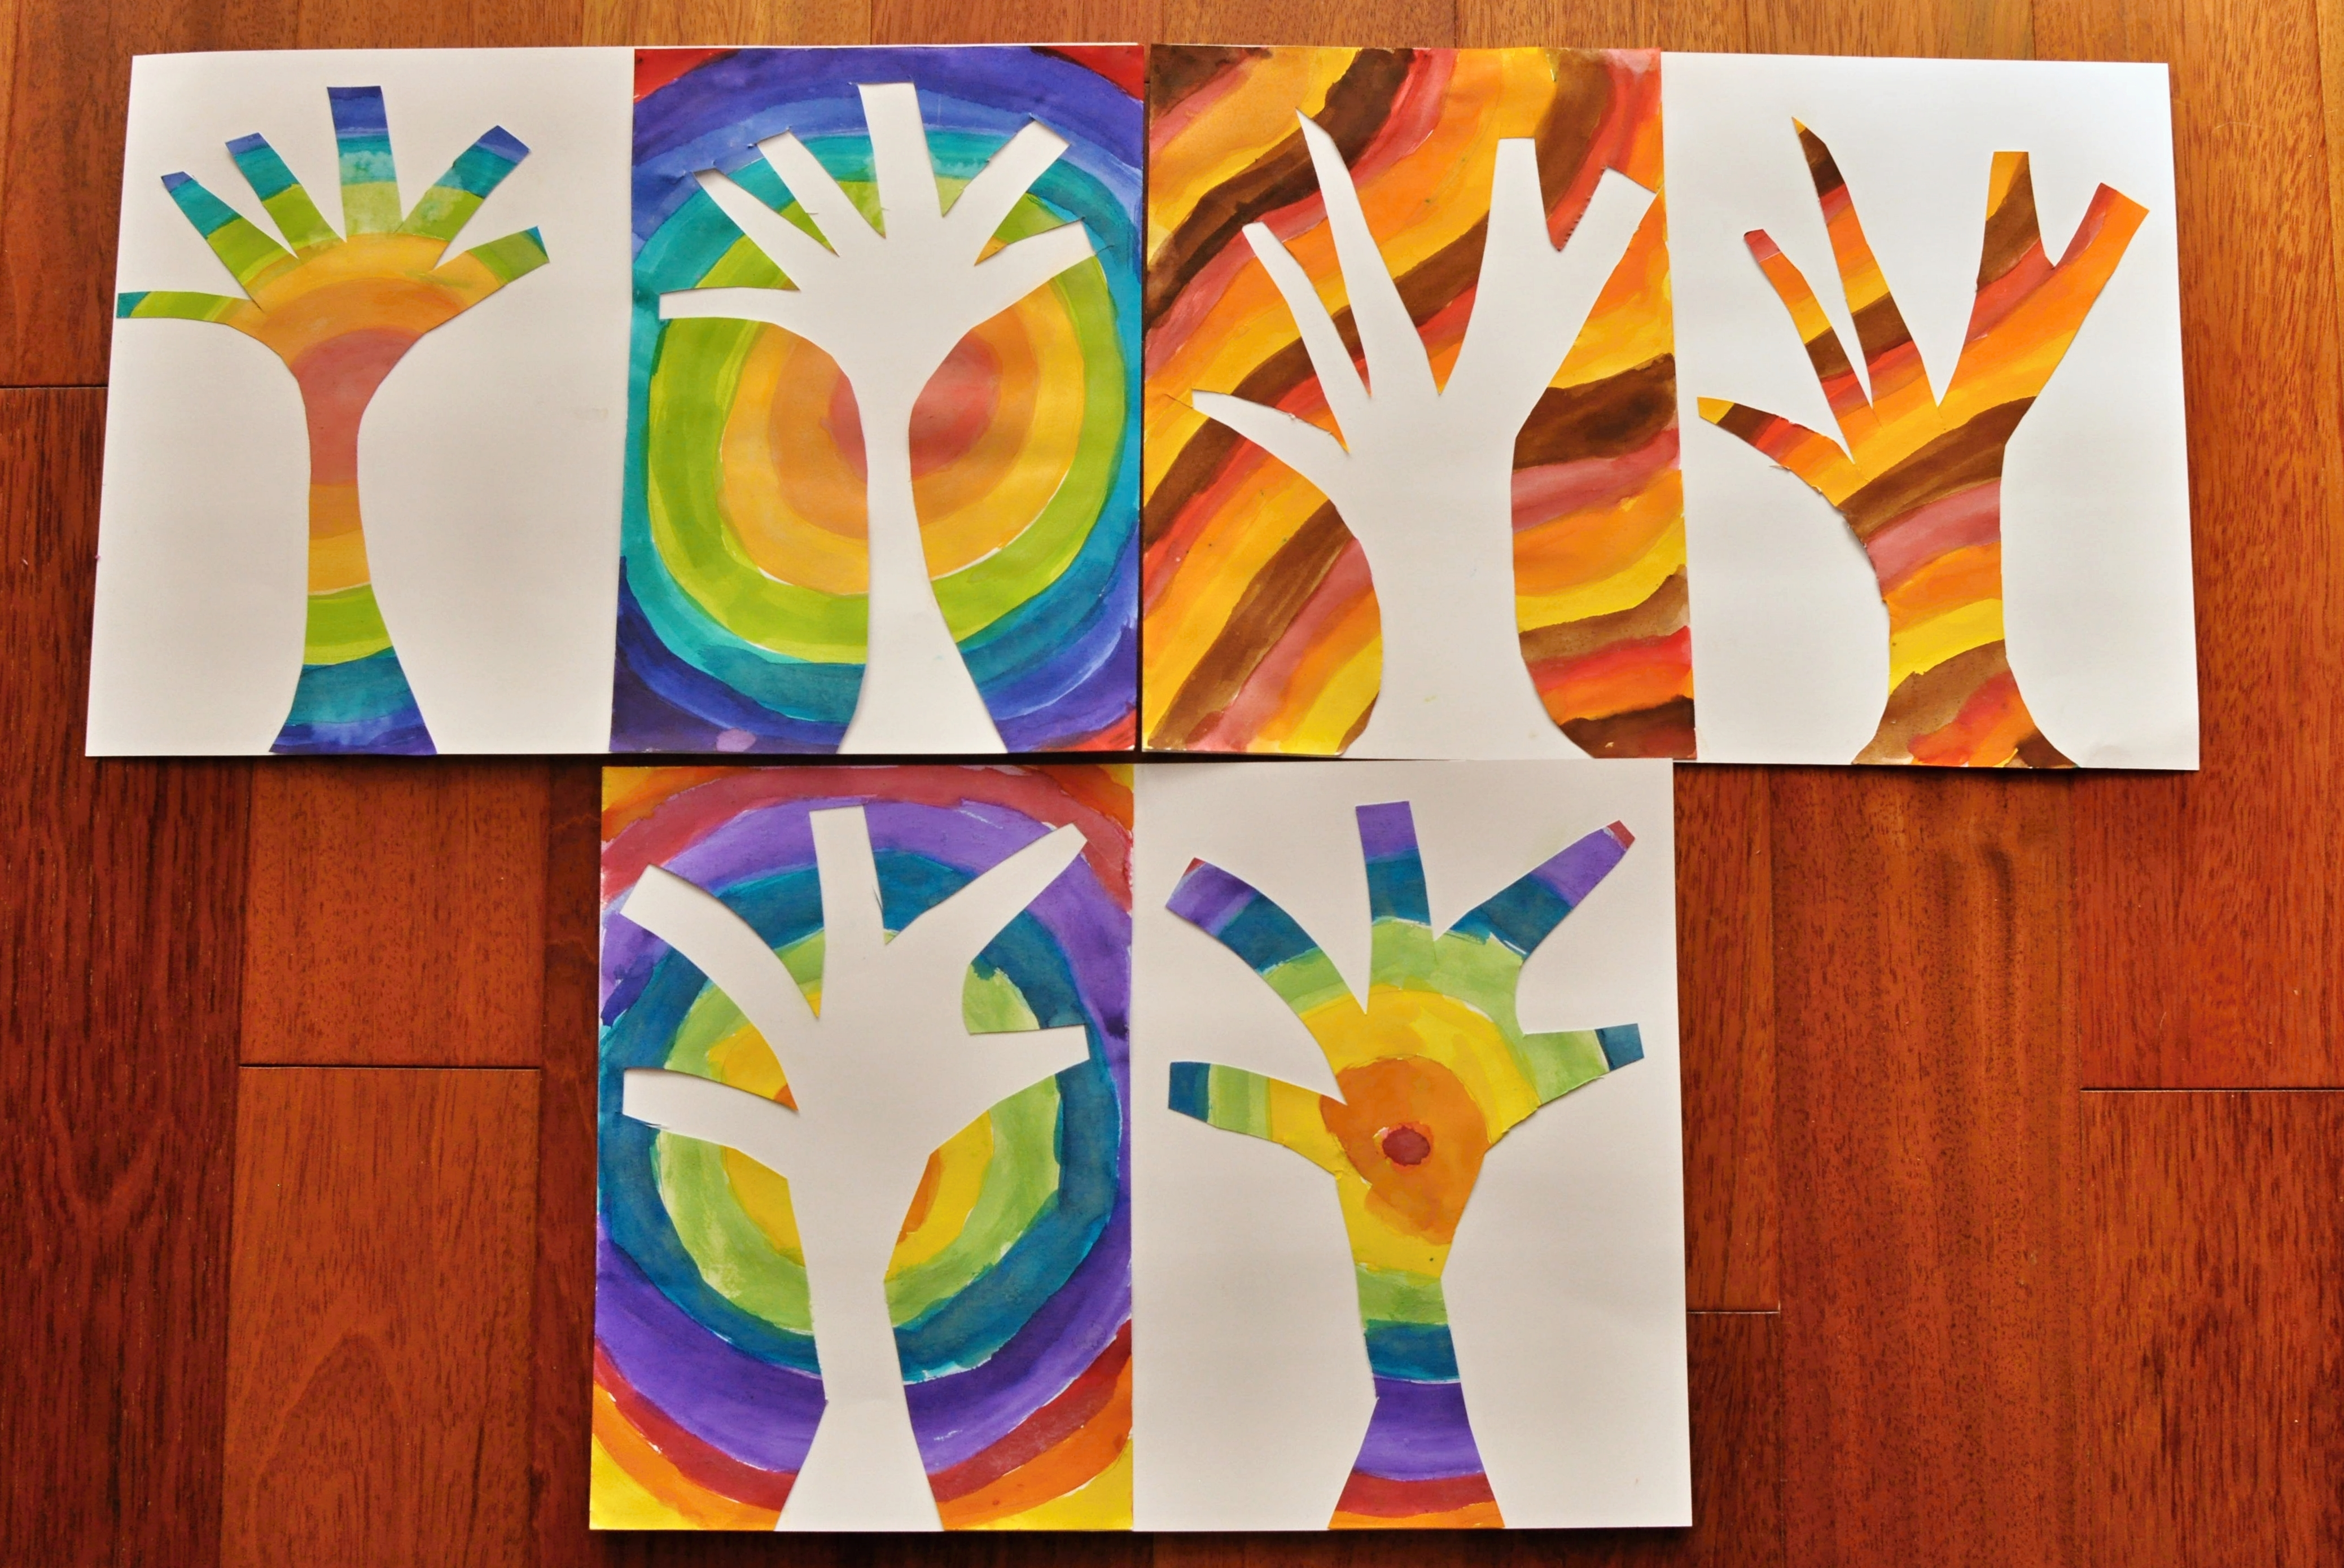 pozitív-negatív jesenné stromy